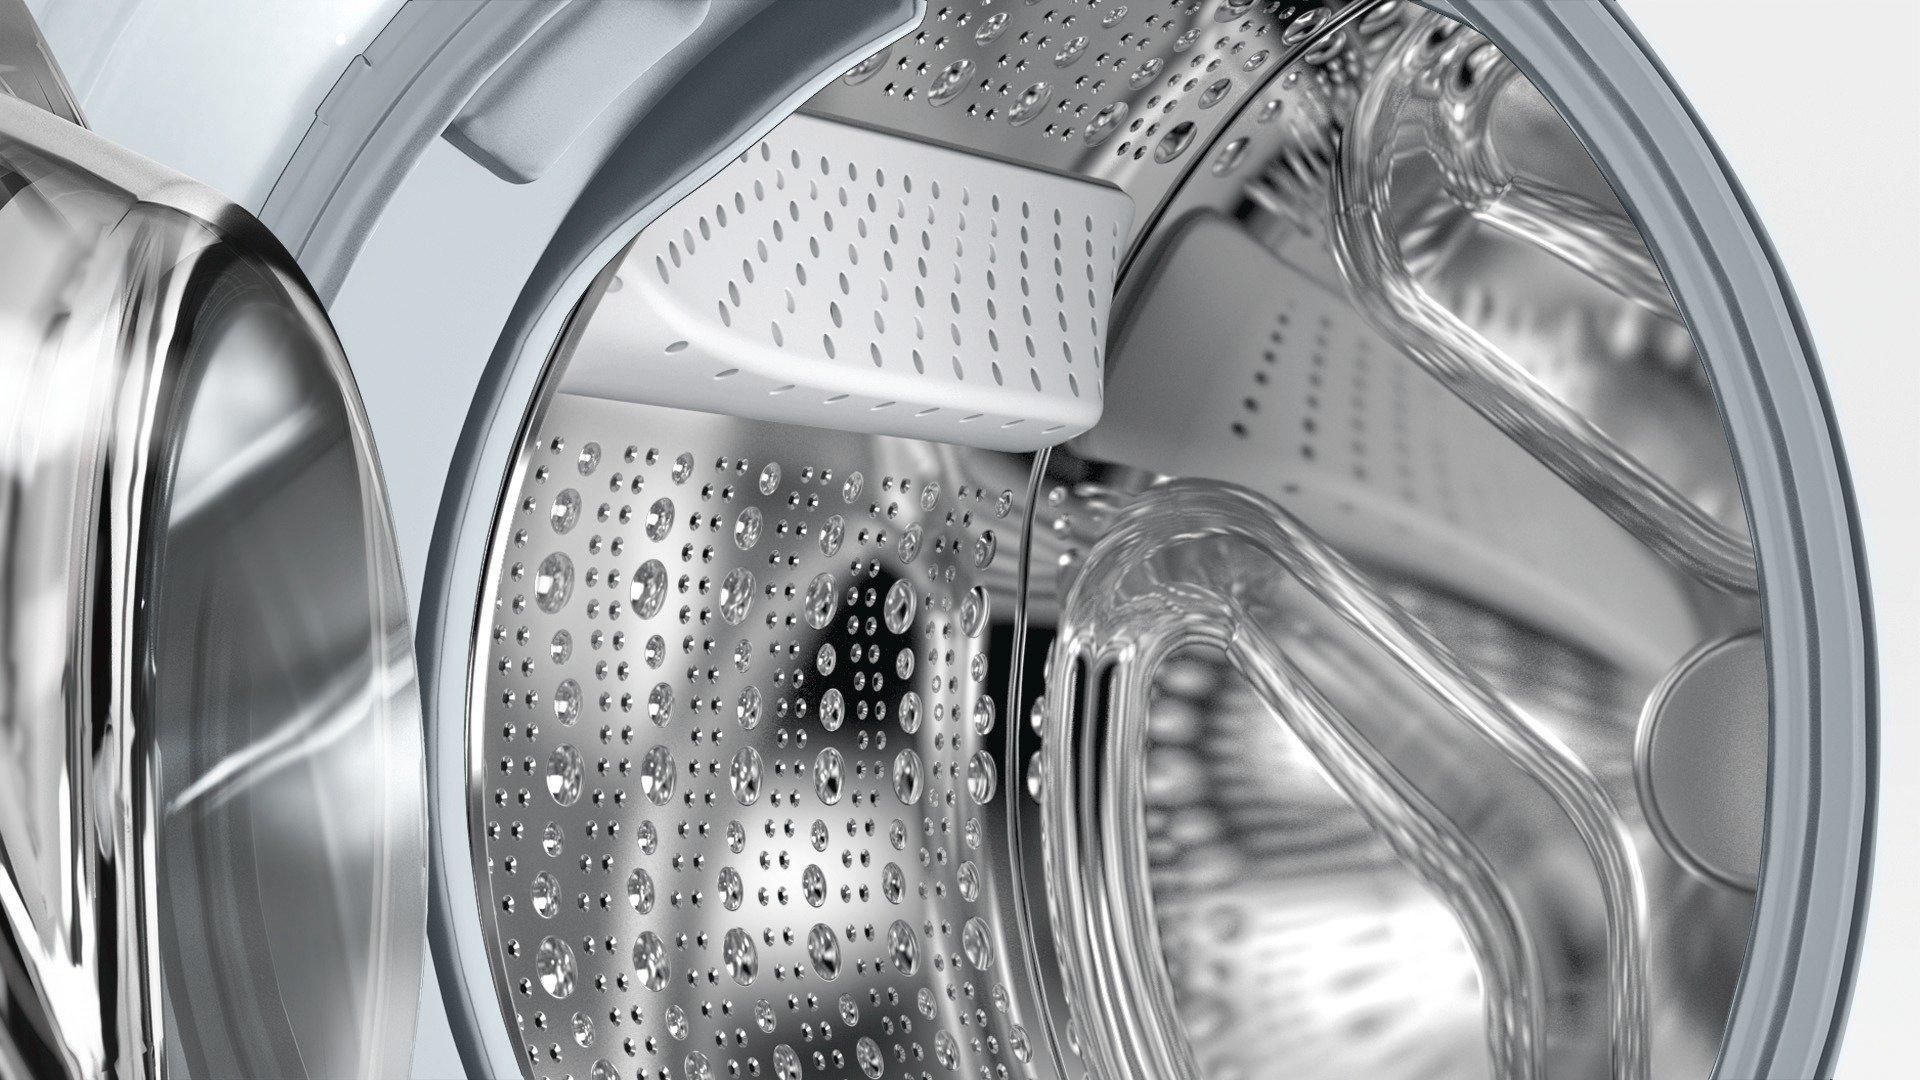 Siemens-WM14-W4-C1-freistehend-Frontlader-8-kg-1400RPM-A-Wei-Waschmaschine-freistehend-Frontlader-A-A-B-wei